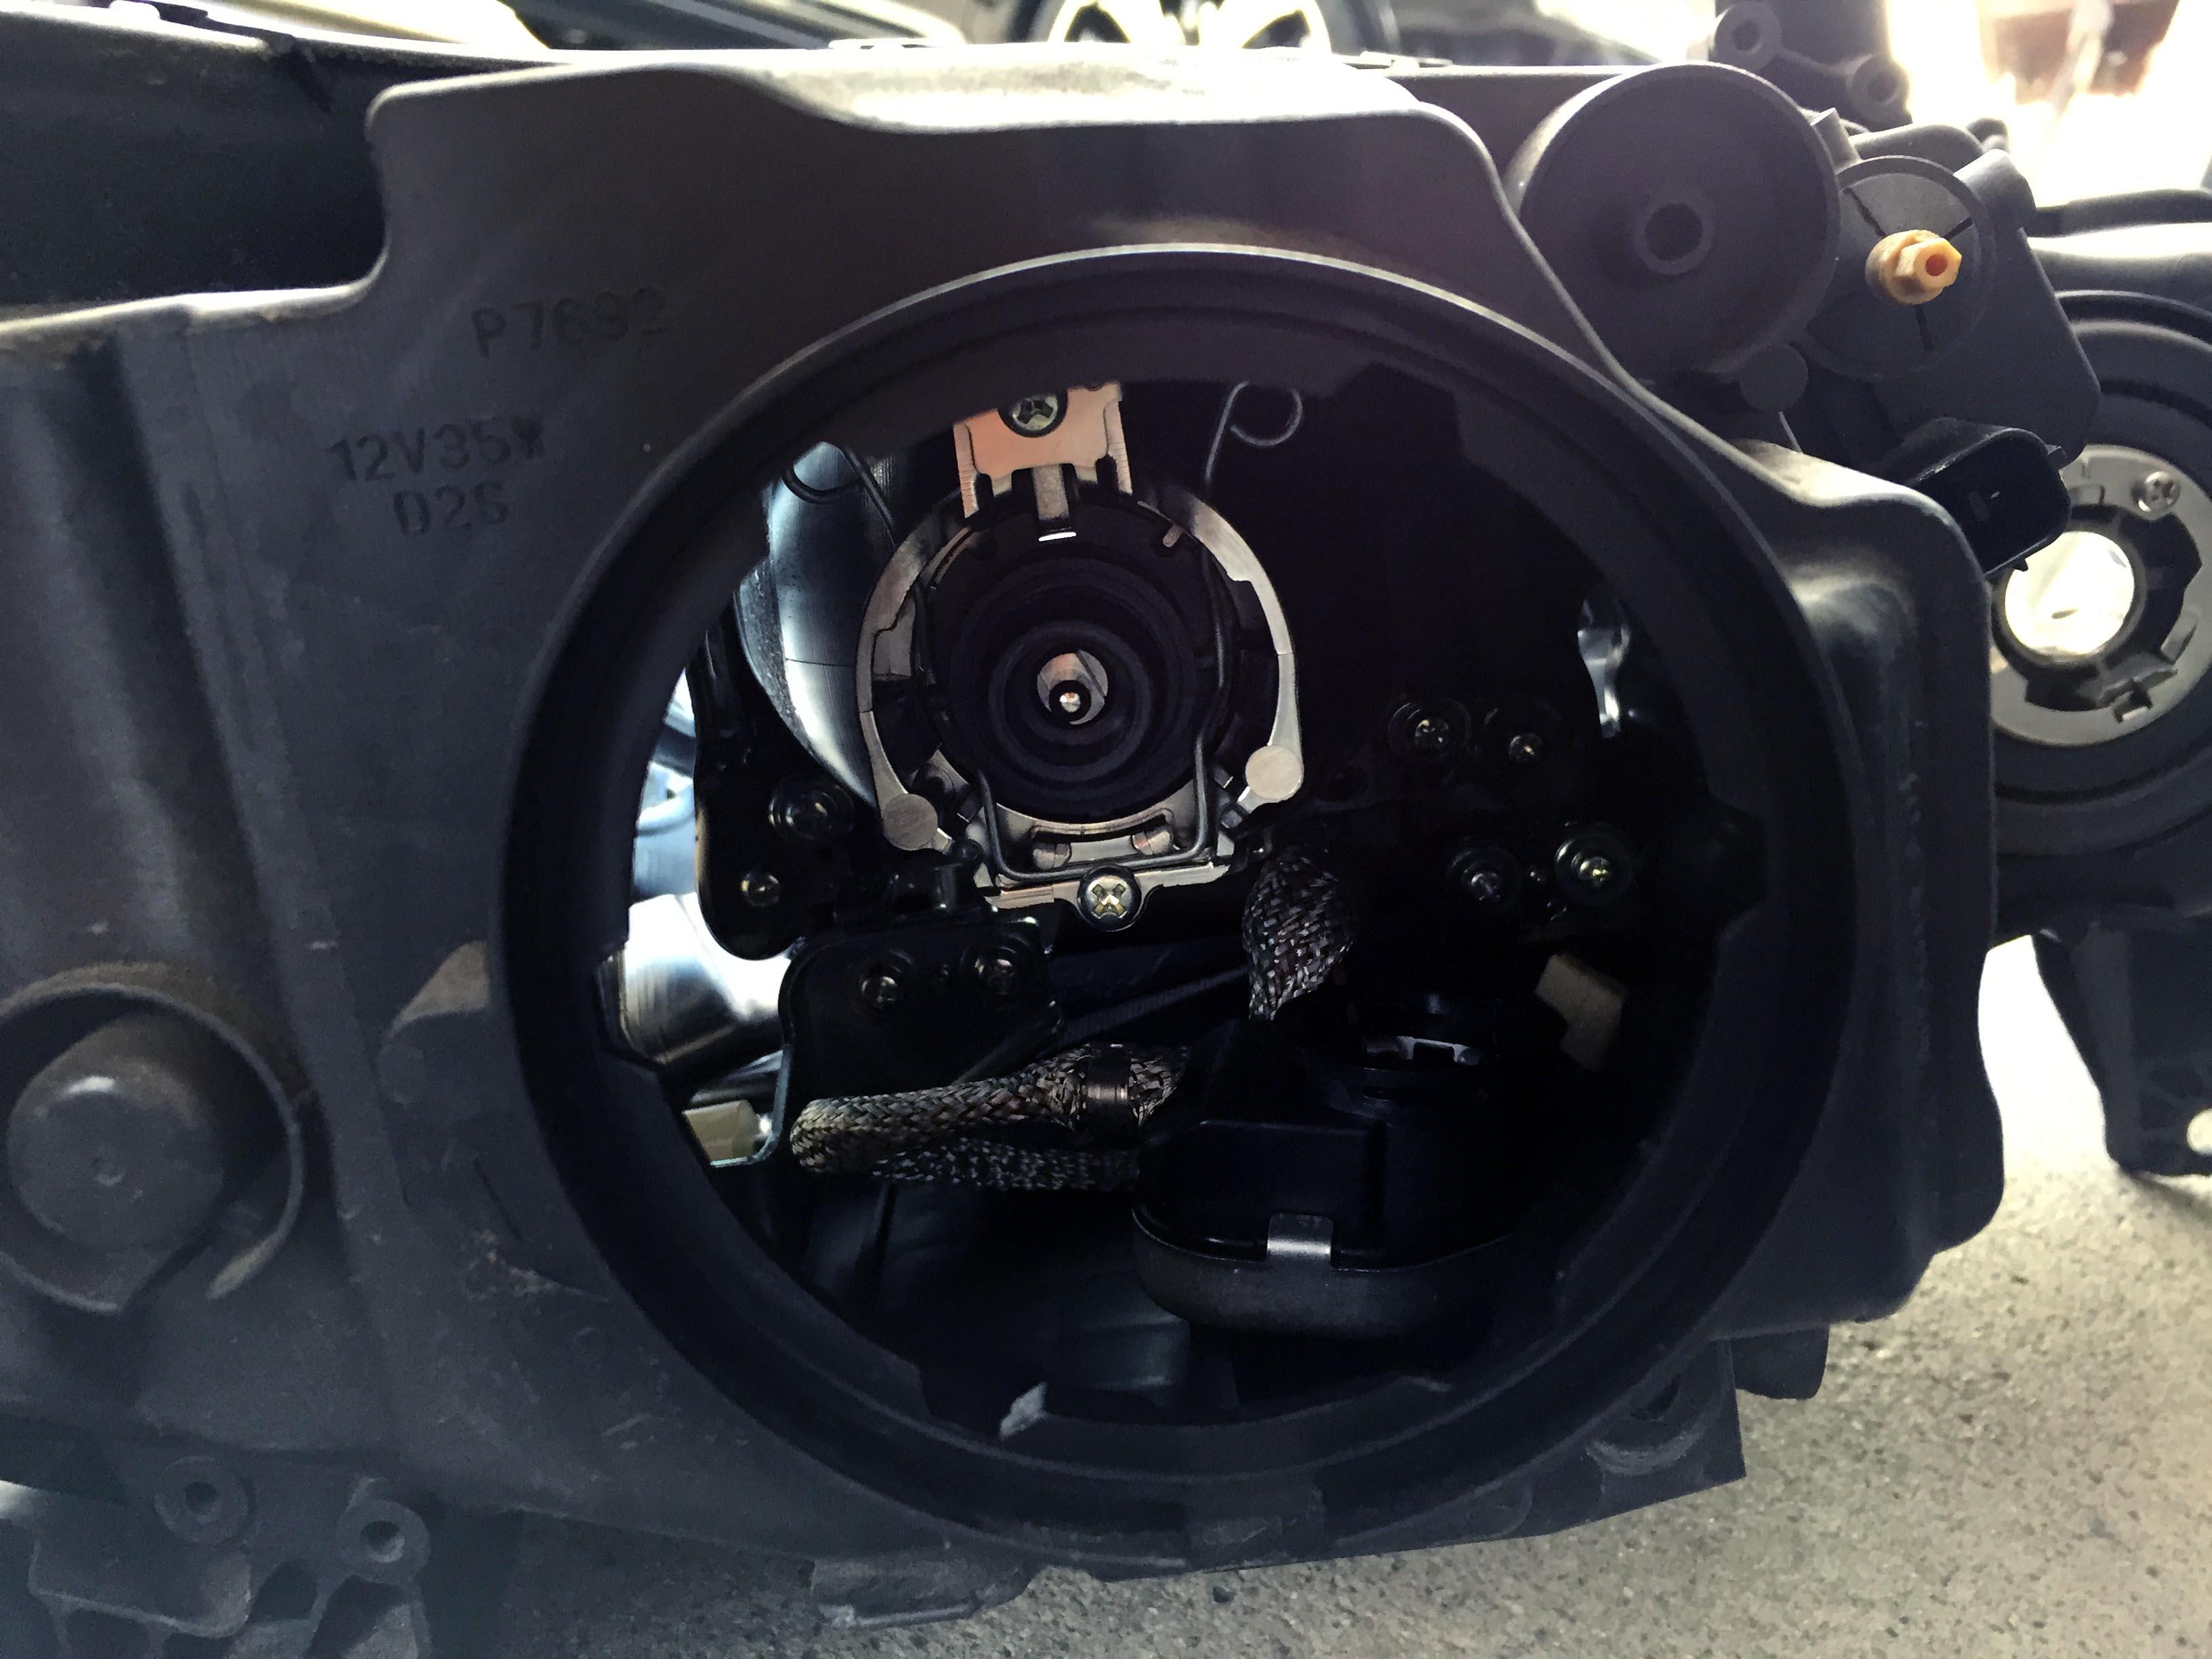 ホンダRB3オデッセイヘッドライト70W-HID化の為既存のD2バーナーを撤去し70W-D2バーナーをセットします。